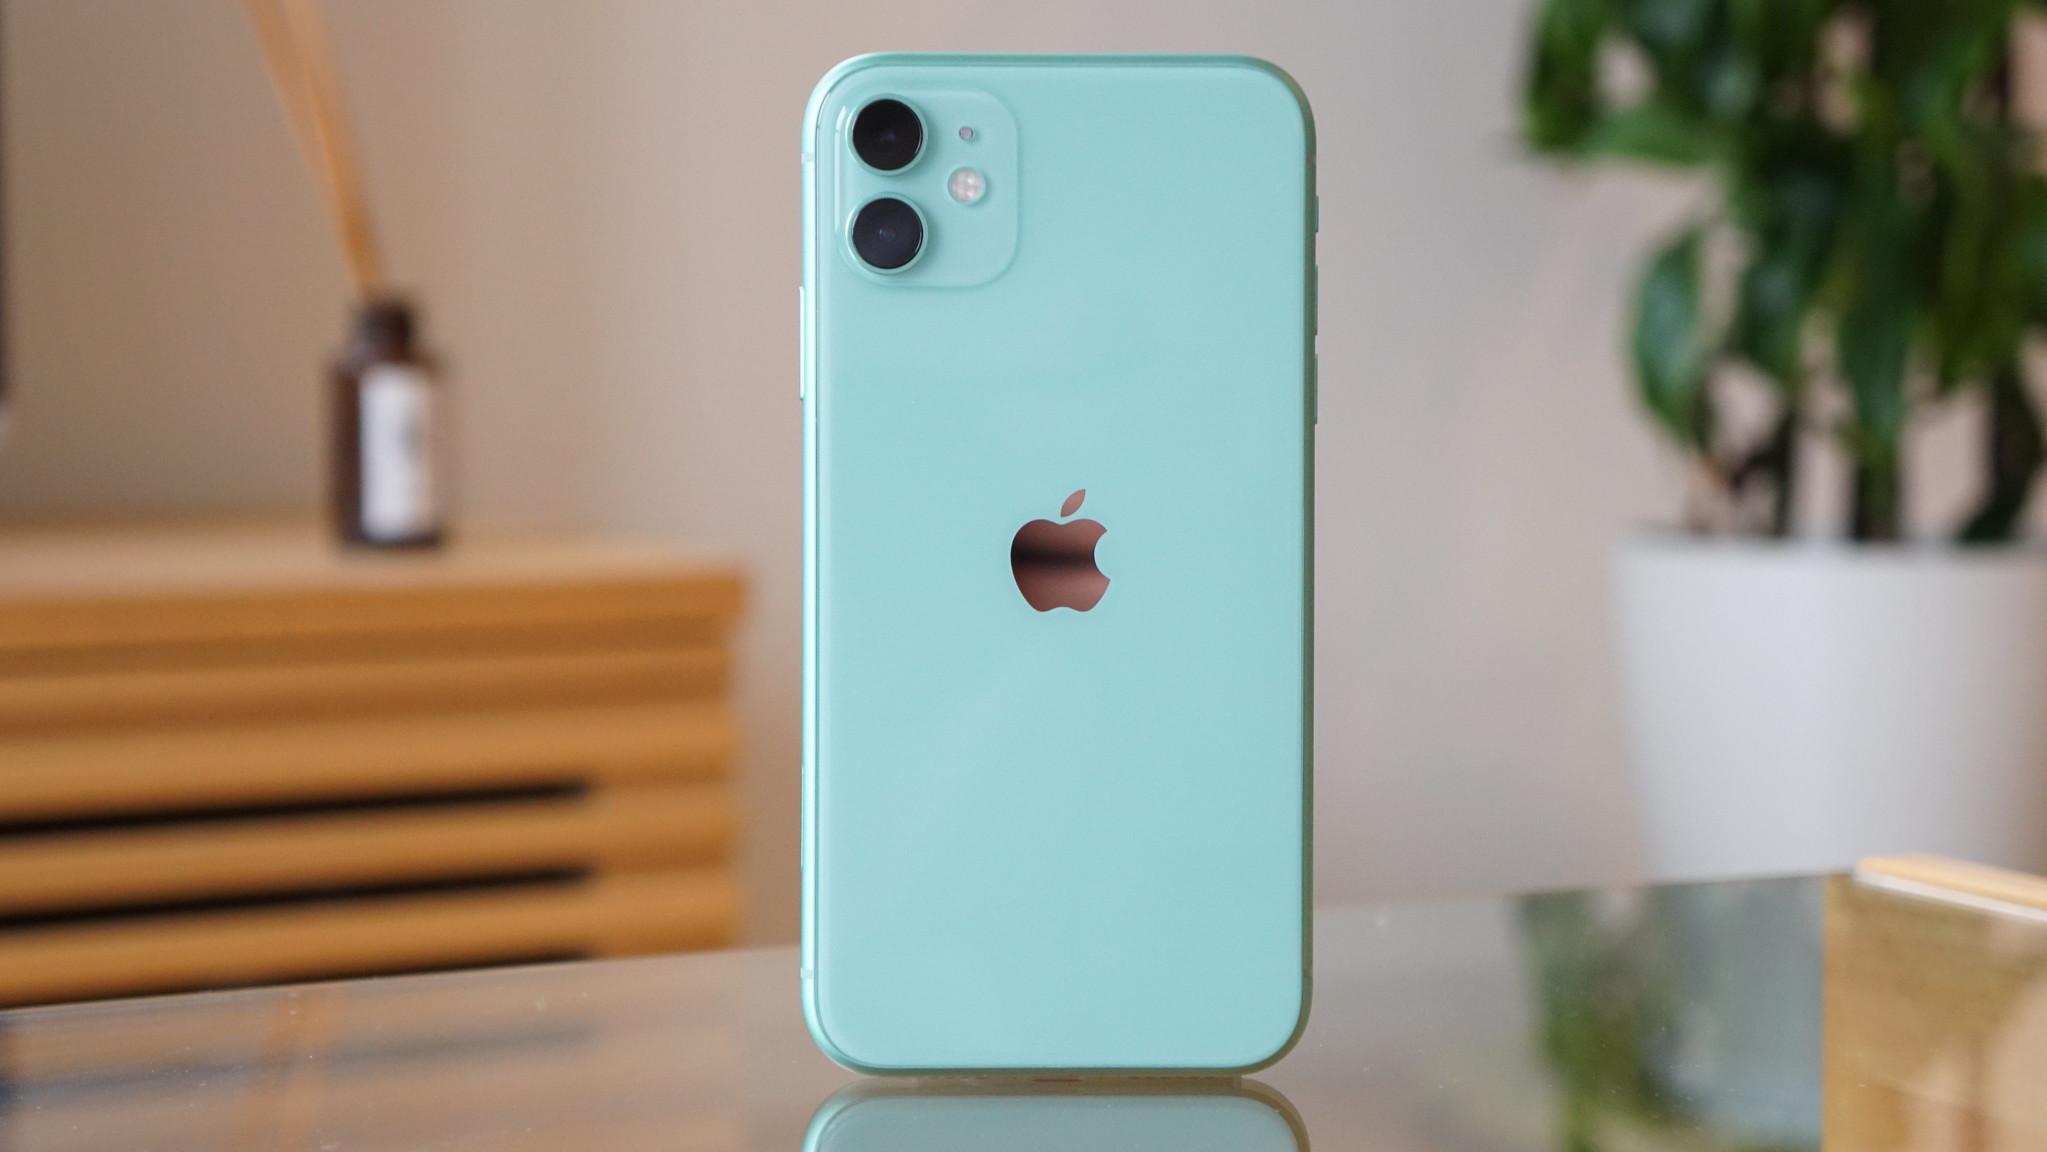 iPhone 11・11 Pro・11 Maxの違いを比較 - デザイン